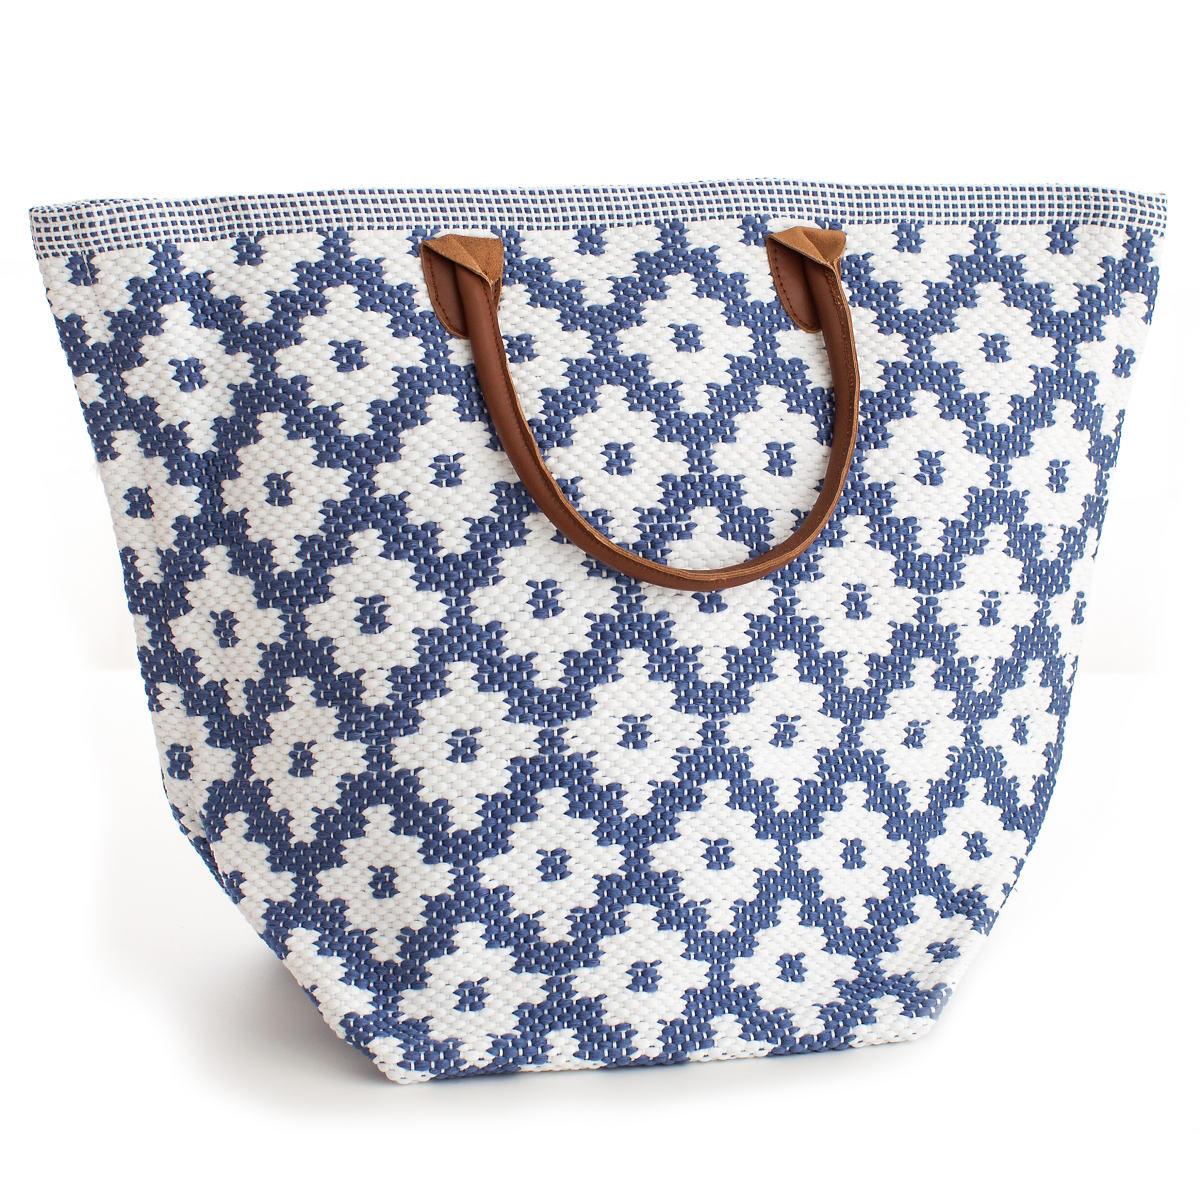 Le Tote Denim/White Tote Bag Grand